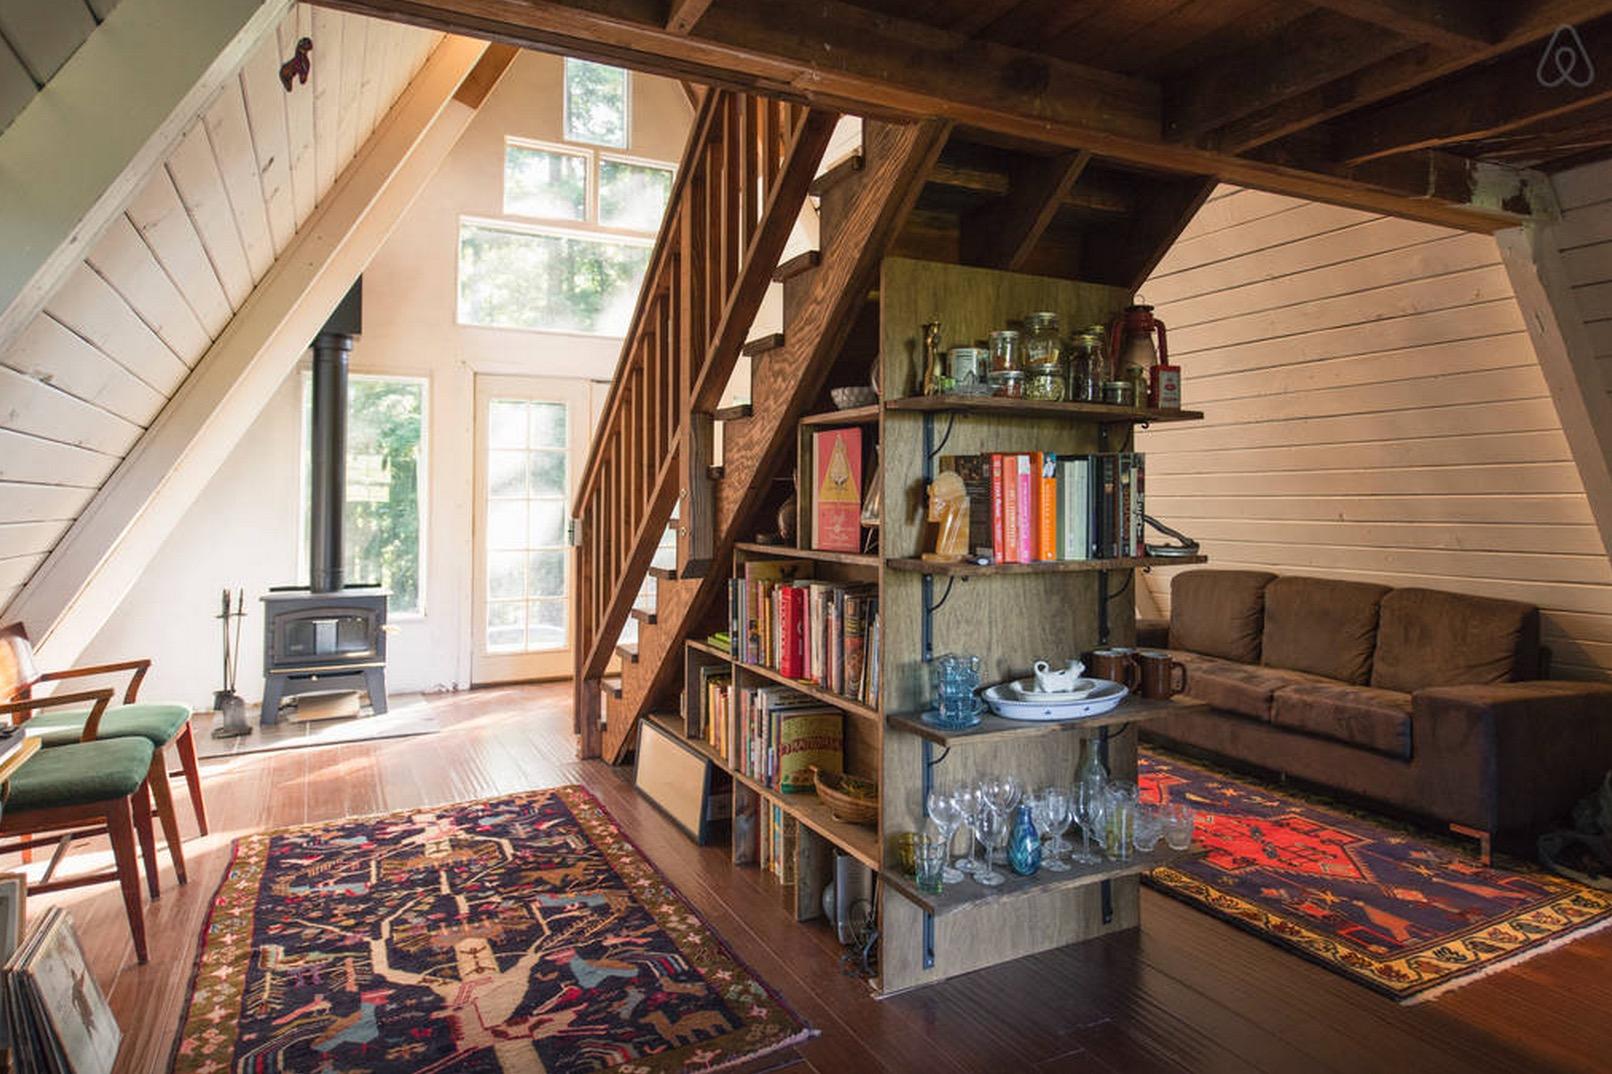 Cabin-Redwoods-Joli-Joli-Design-Cabine-07